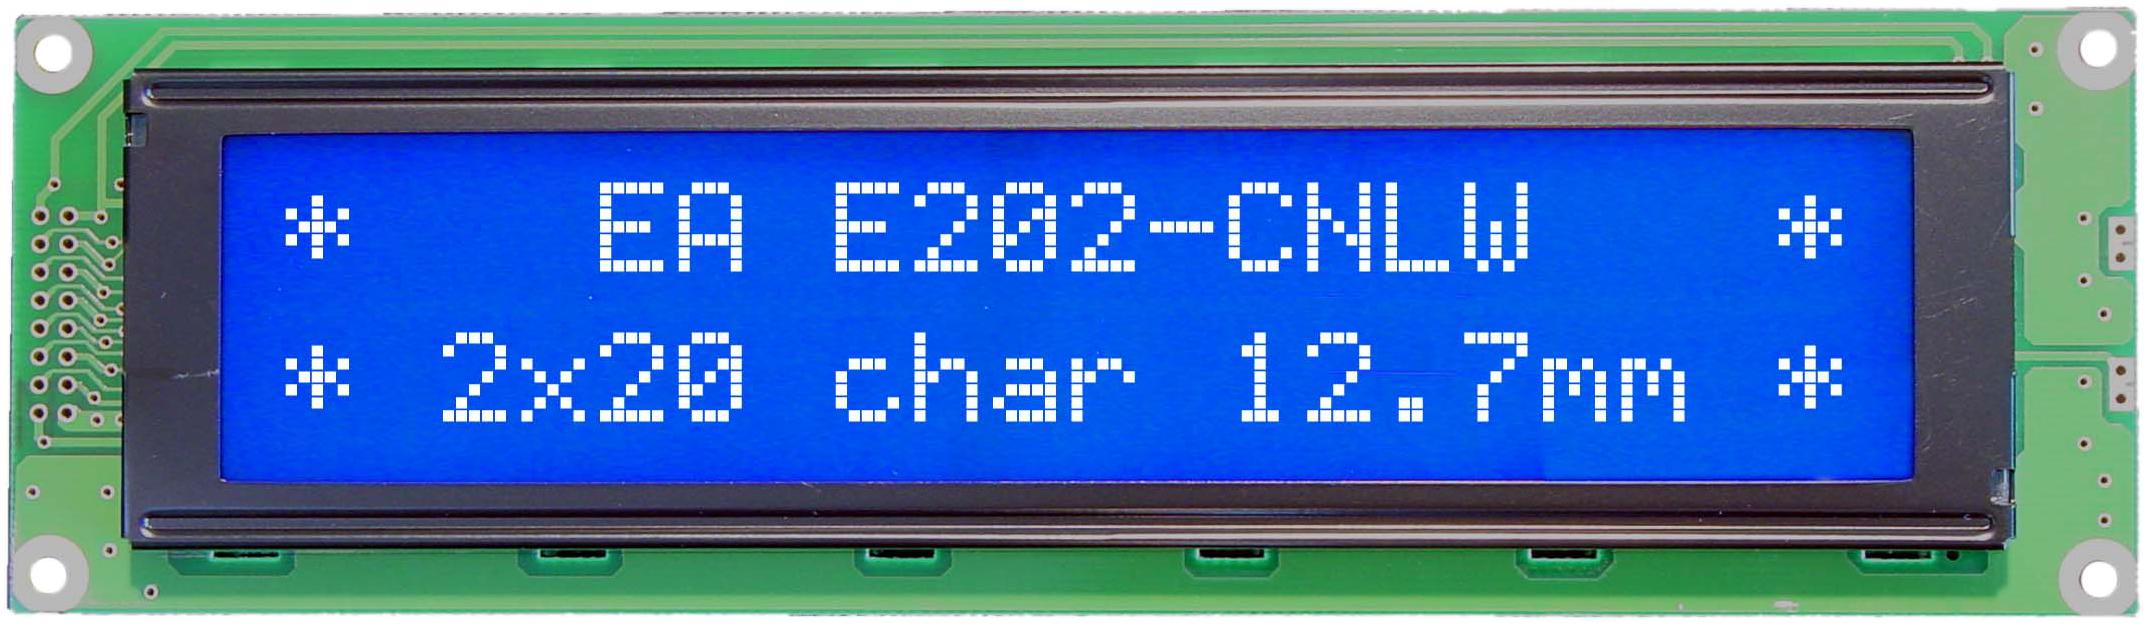 2x20 Character Display EA E202-CNLW